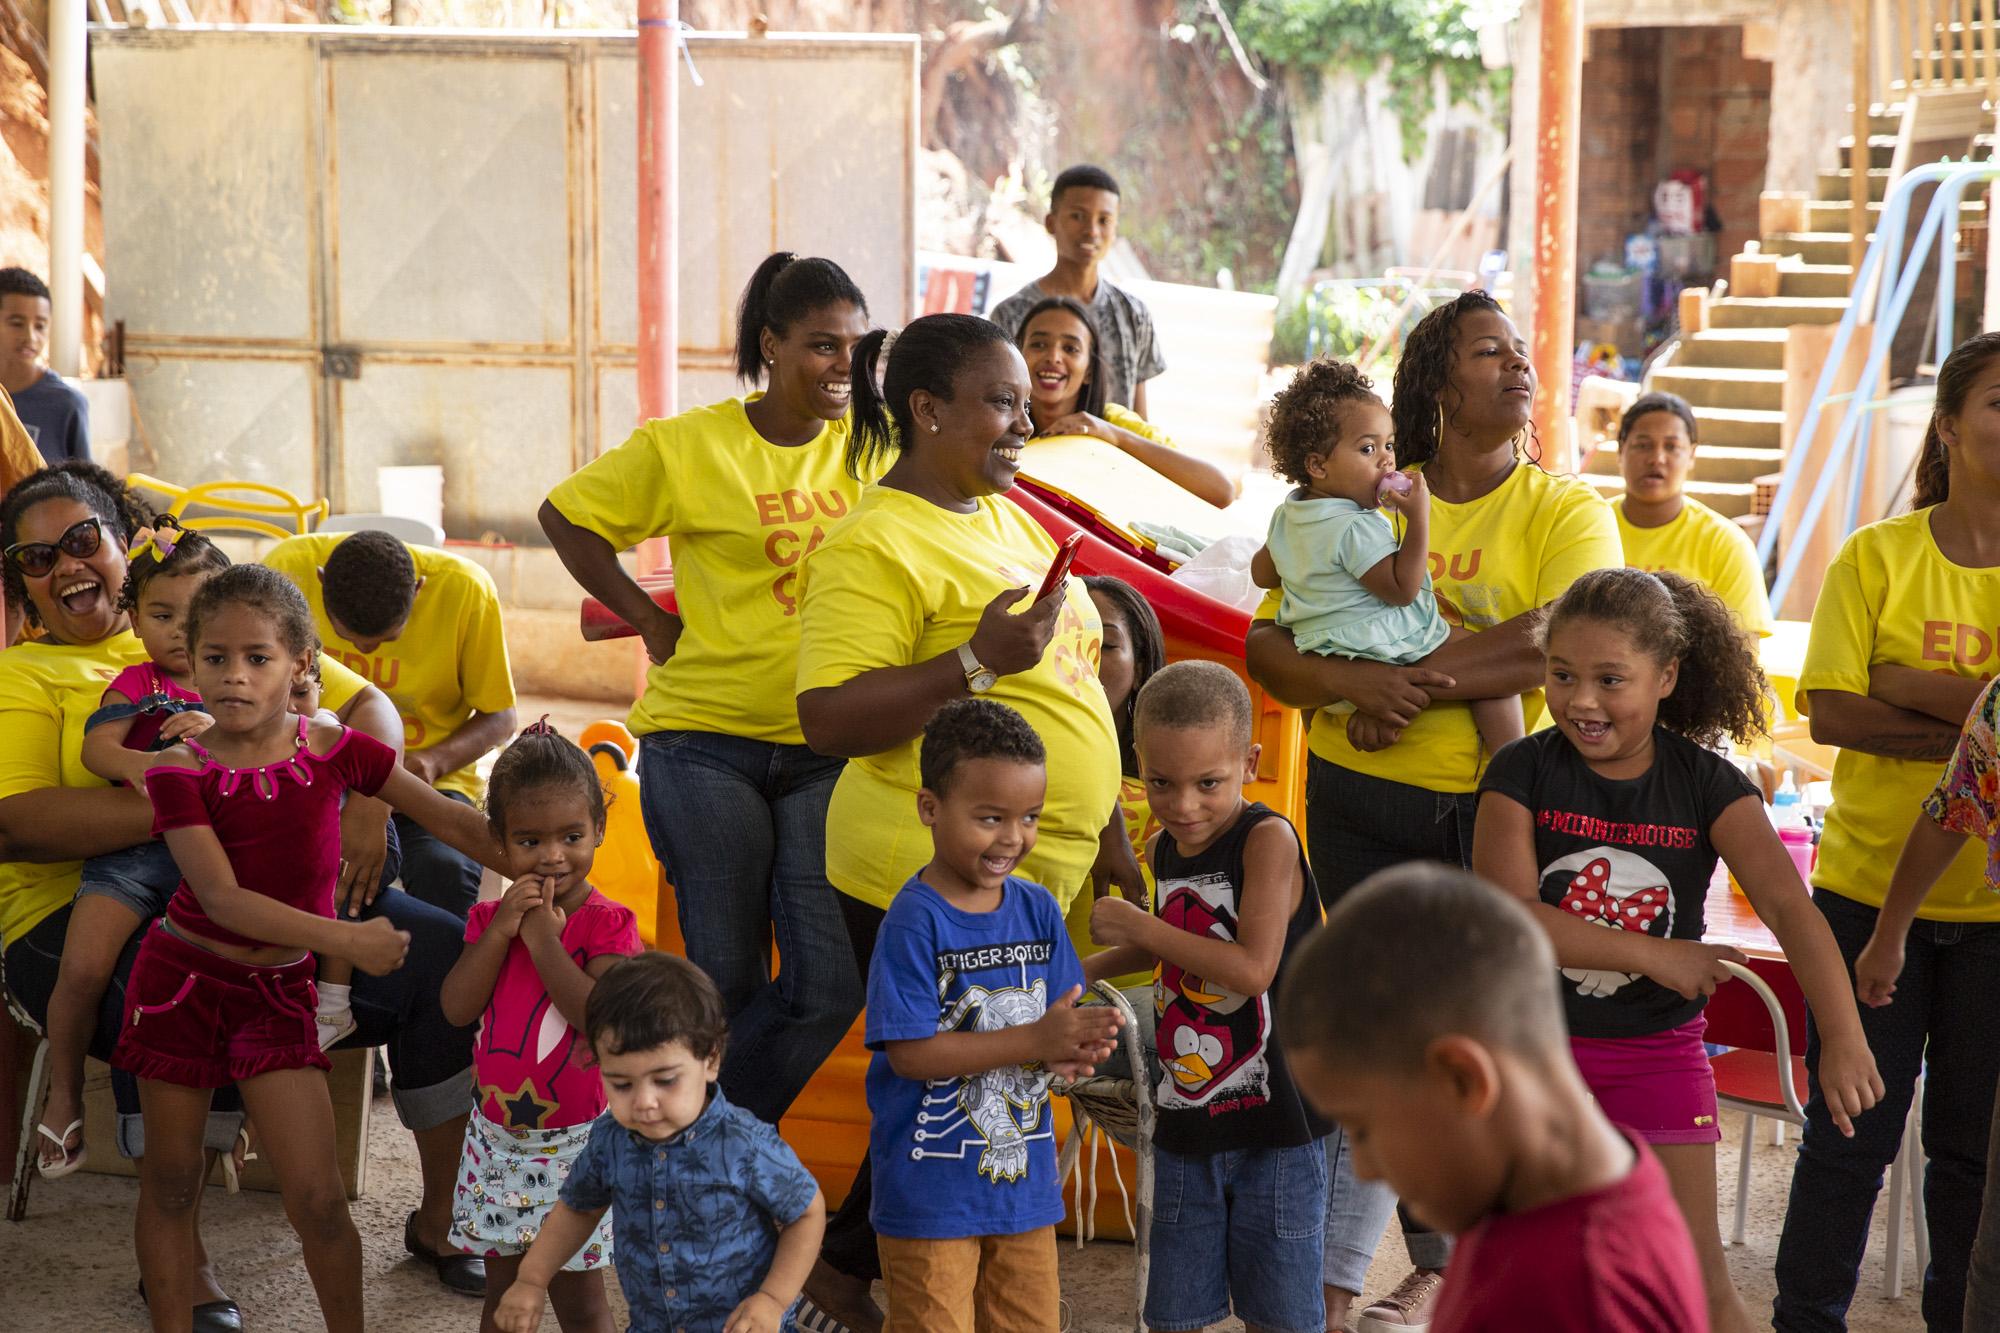 Causa da Educação, representada por Fernanda Gentil,é a grande vencedora da promoçãoGanhou, Causouda Nestlé 6